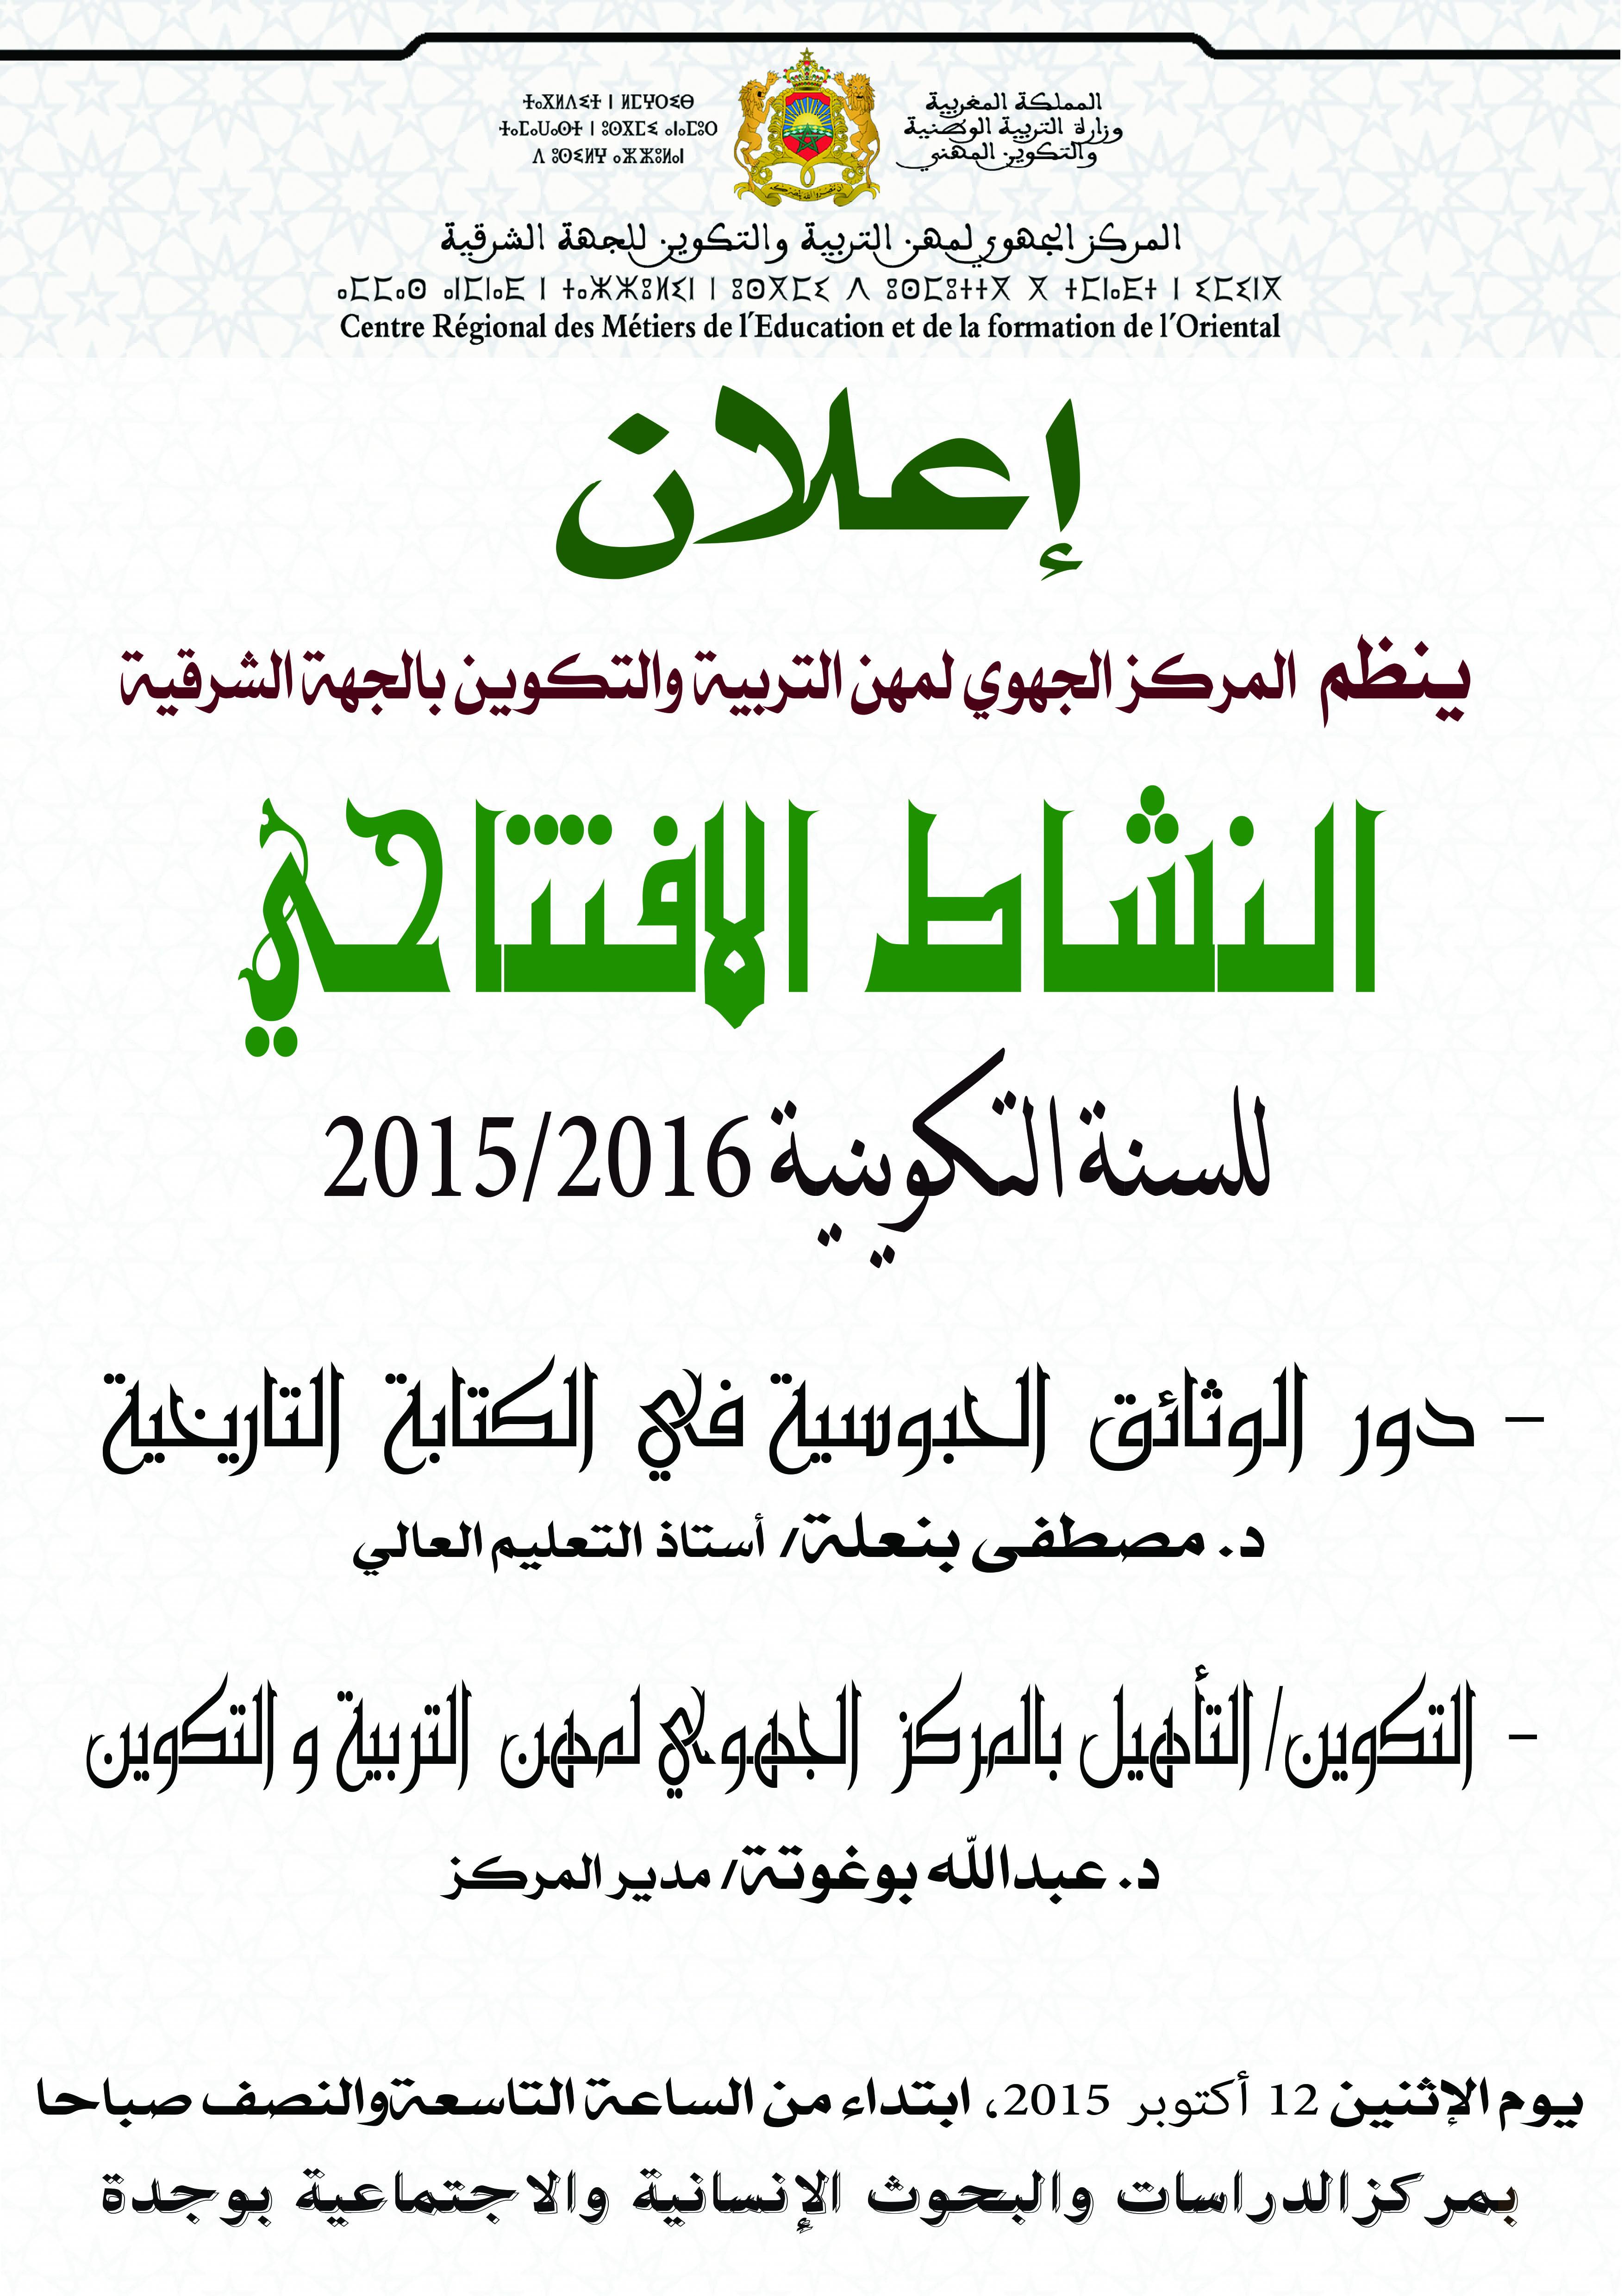 إعلان النشاط الافتاحي للسنة التكوينية 20152016